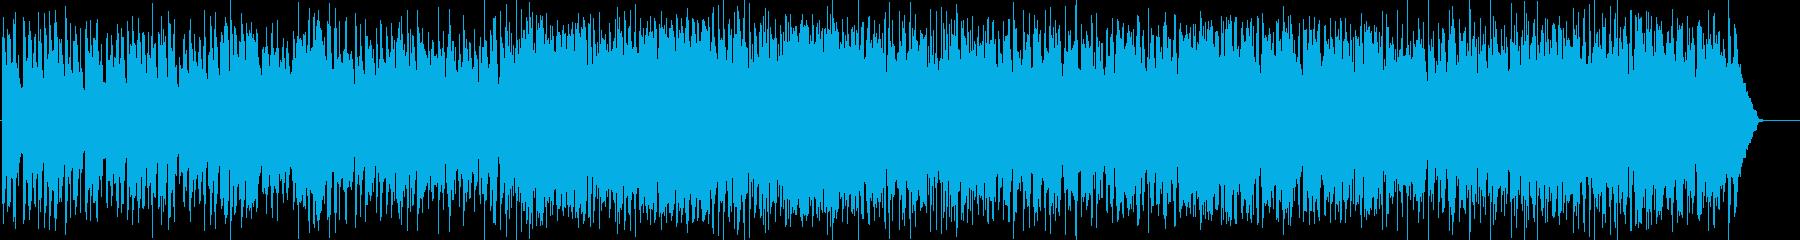 軽快でウキウキするカントリーの再生済みの波形